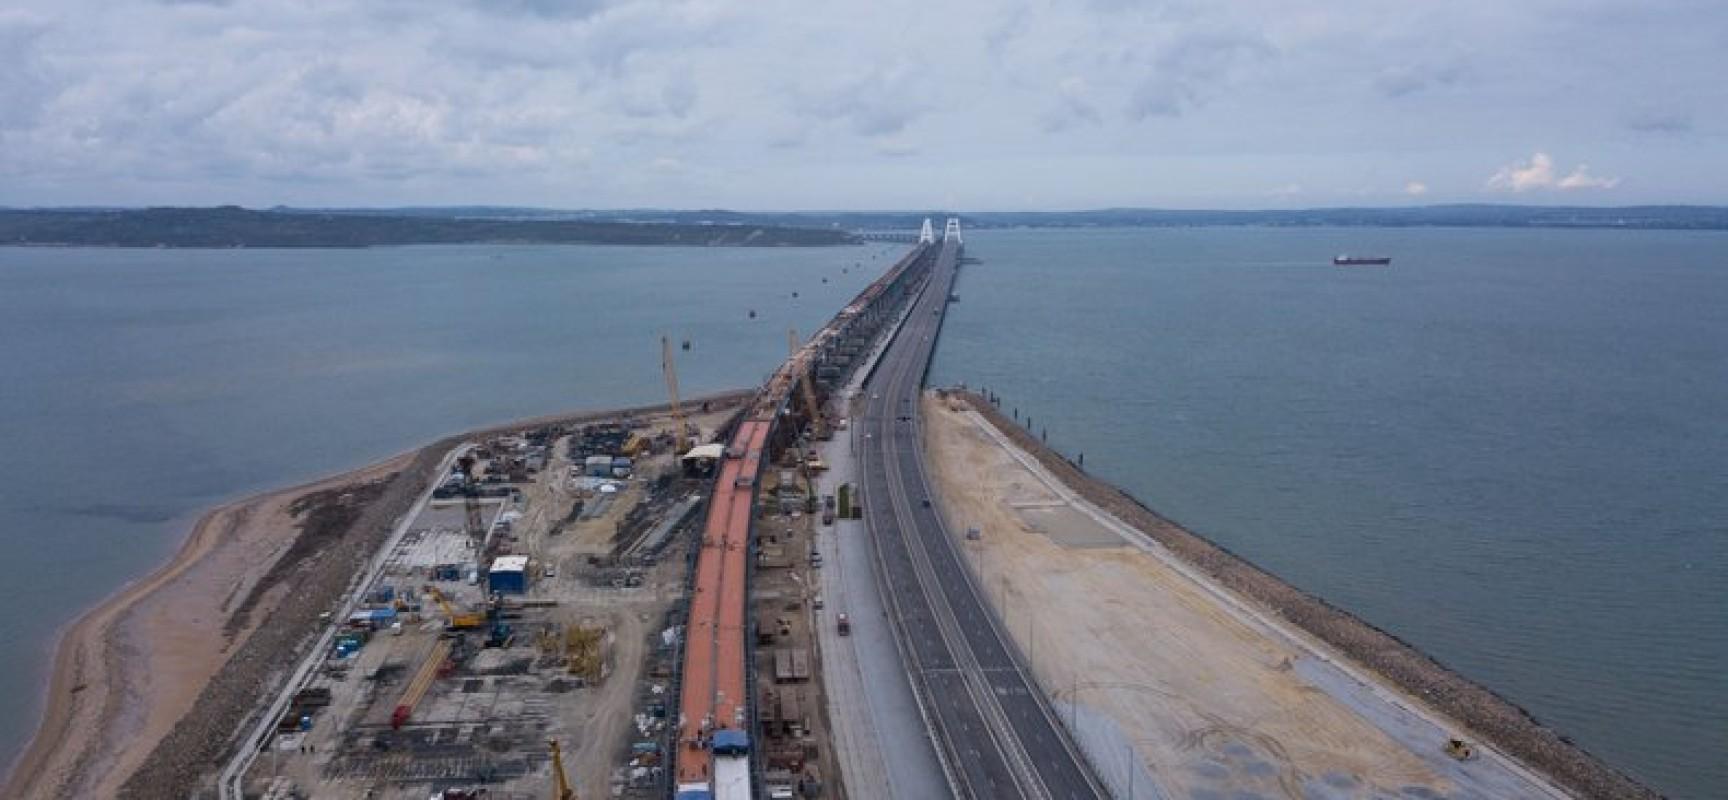 Собраны все пролётные строения железнодорожной части моста через Керченский пролив